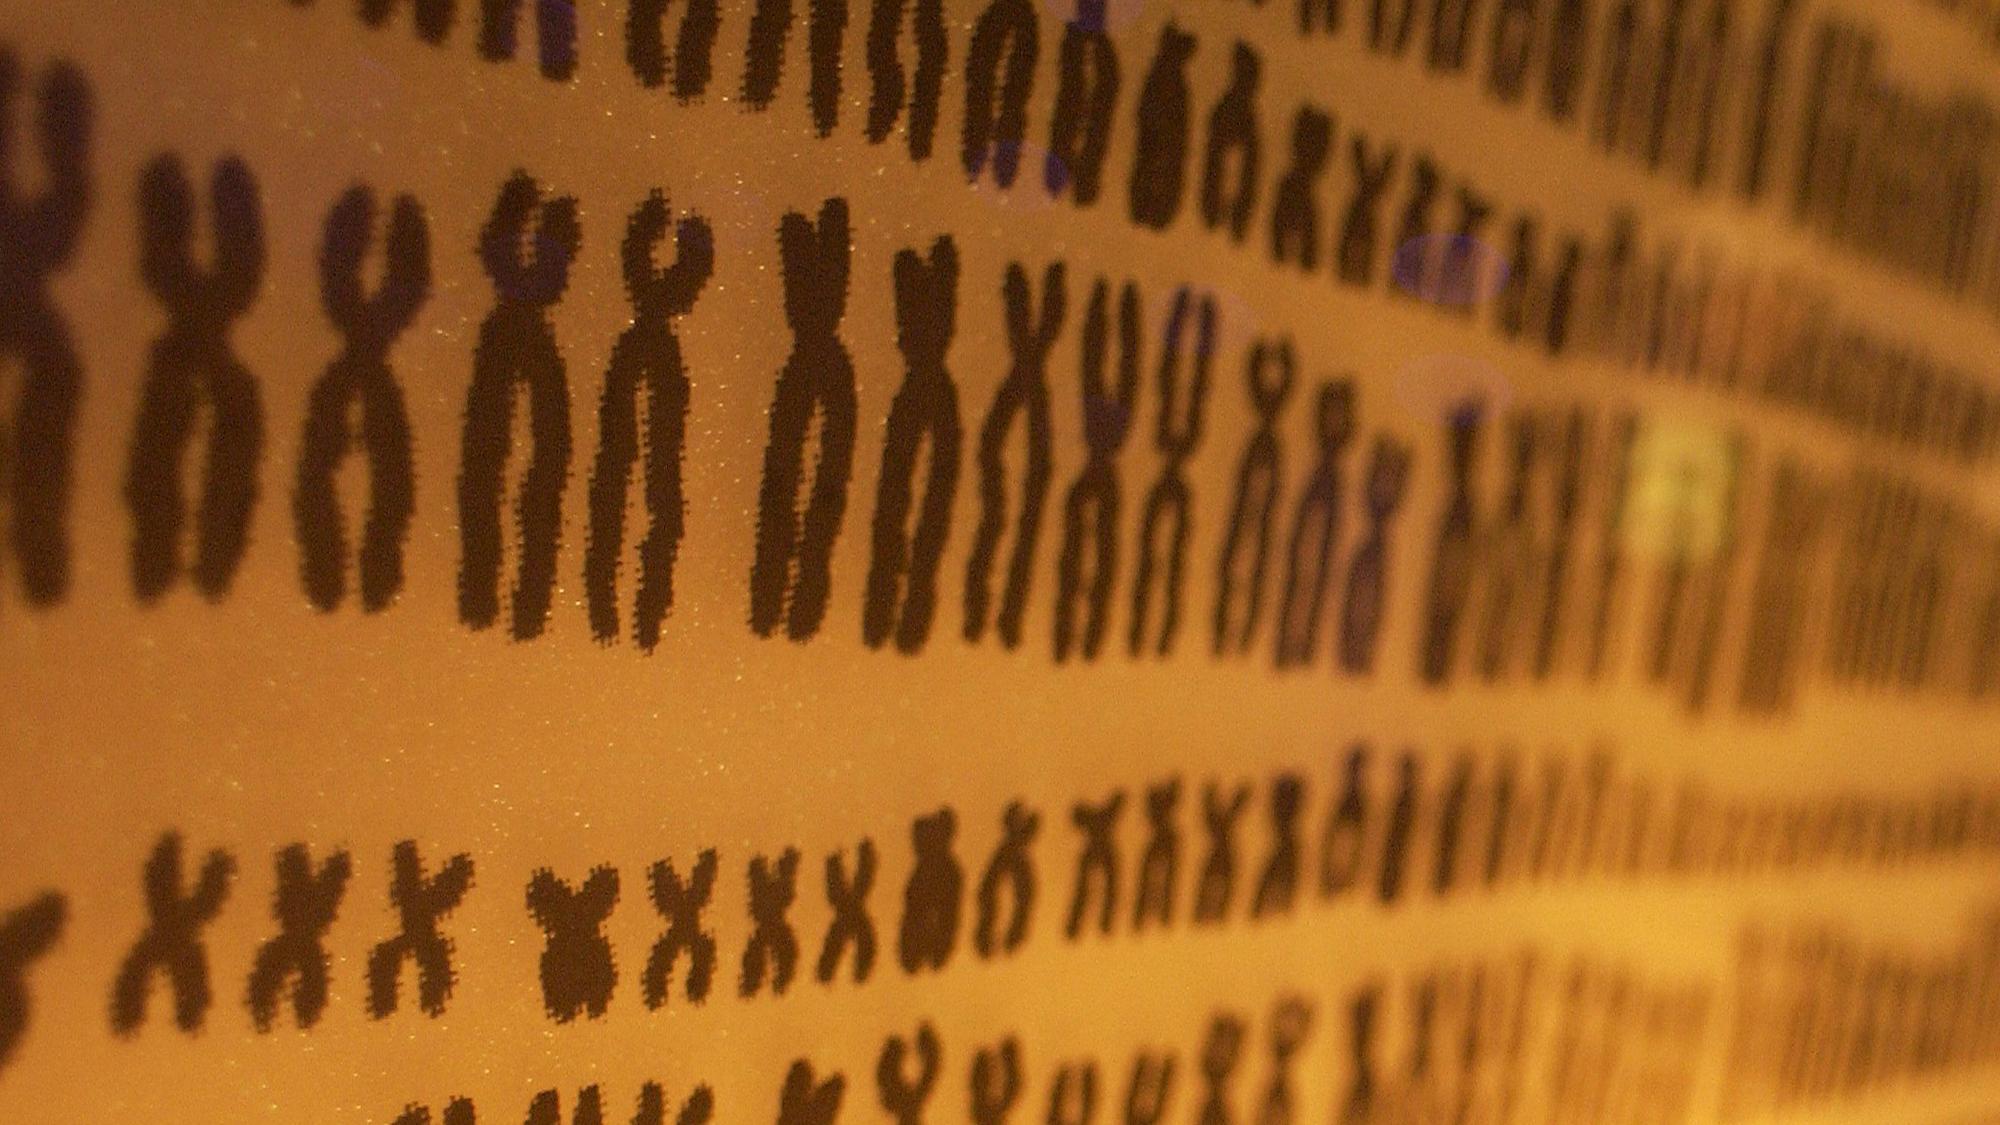 Las mujeres tienen dos copias del cromosoma X, mientras que los hombres tienen un cromosoma X y un Y. El pequeño cromosoma Y es la clave de por qué los hombres tienen más riesgo de cáncer. Foto de Kate Whitley CC-BY.